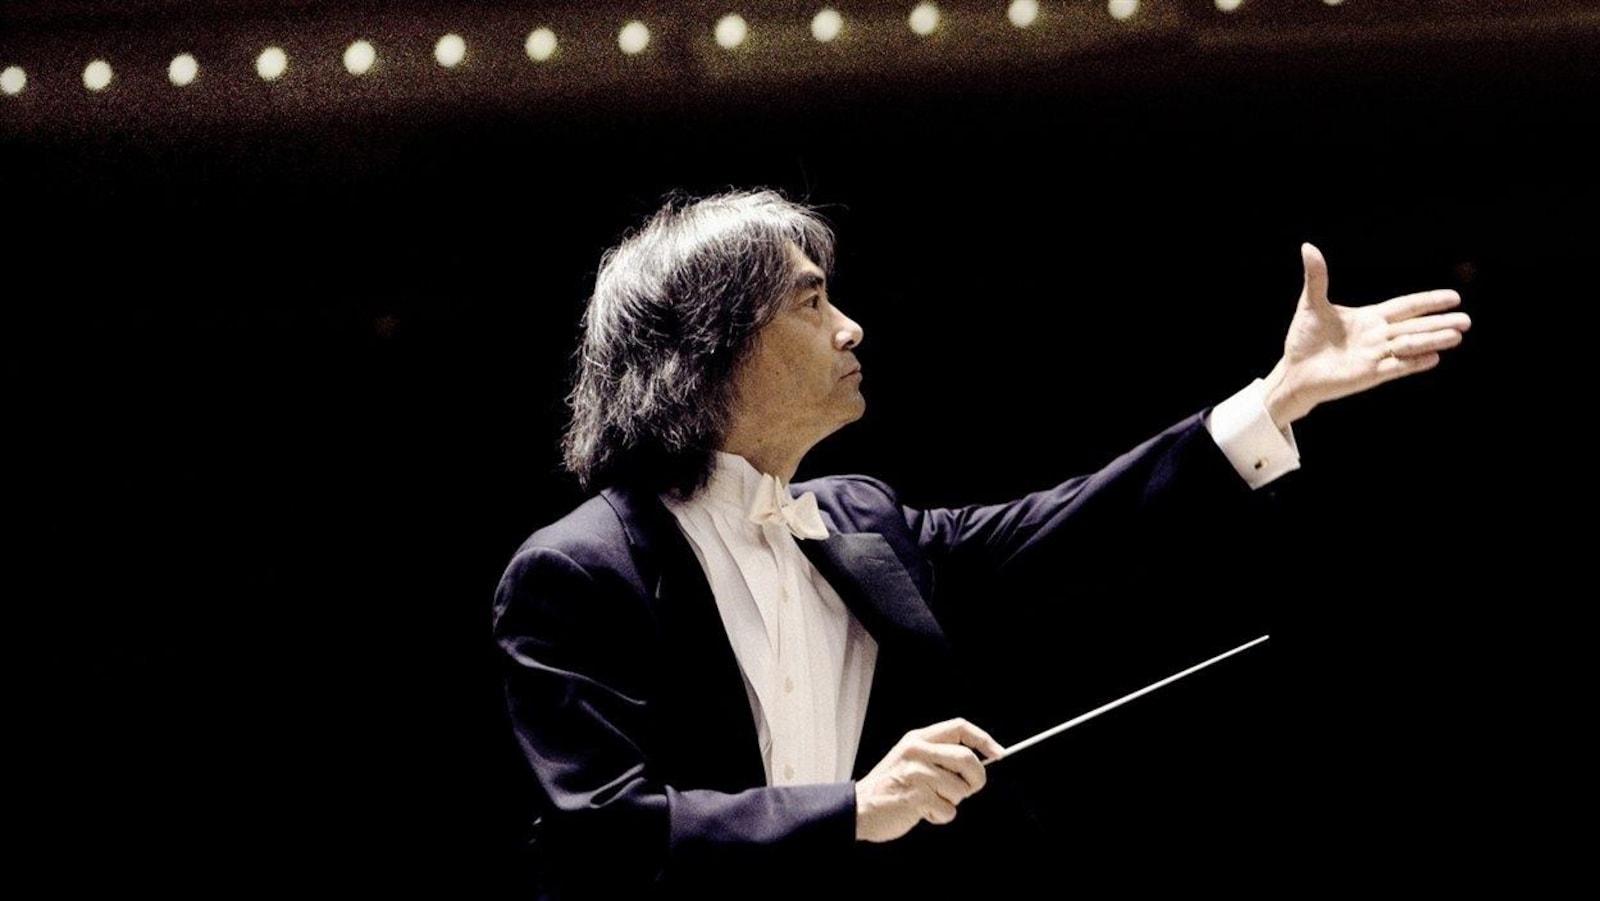 Un chef d'orchestre regarde vers les musiciens, un bras en l'air, et l'autre tenant sa baguette.